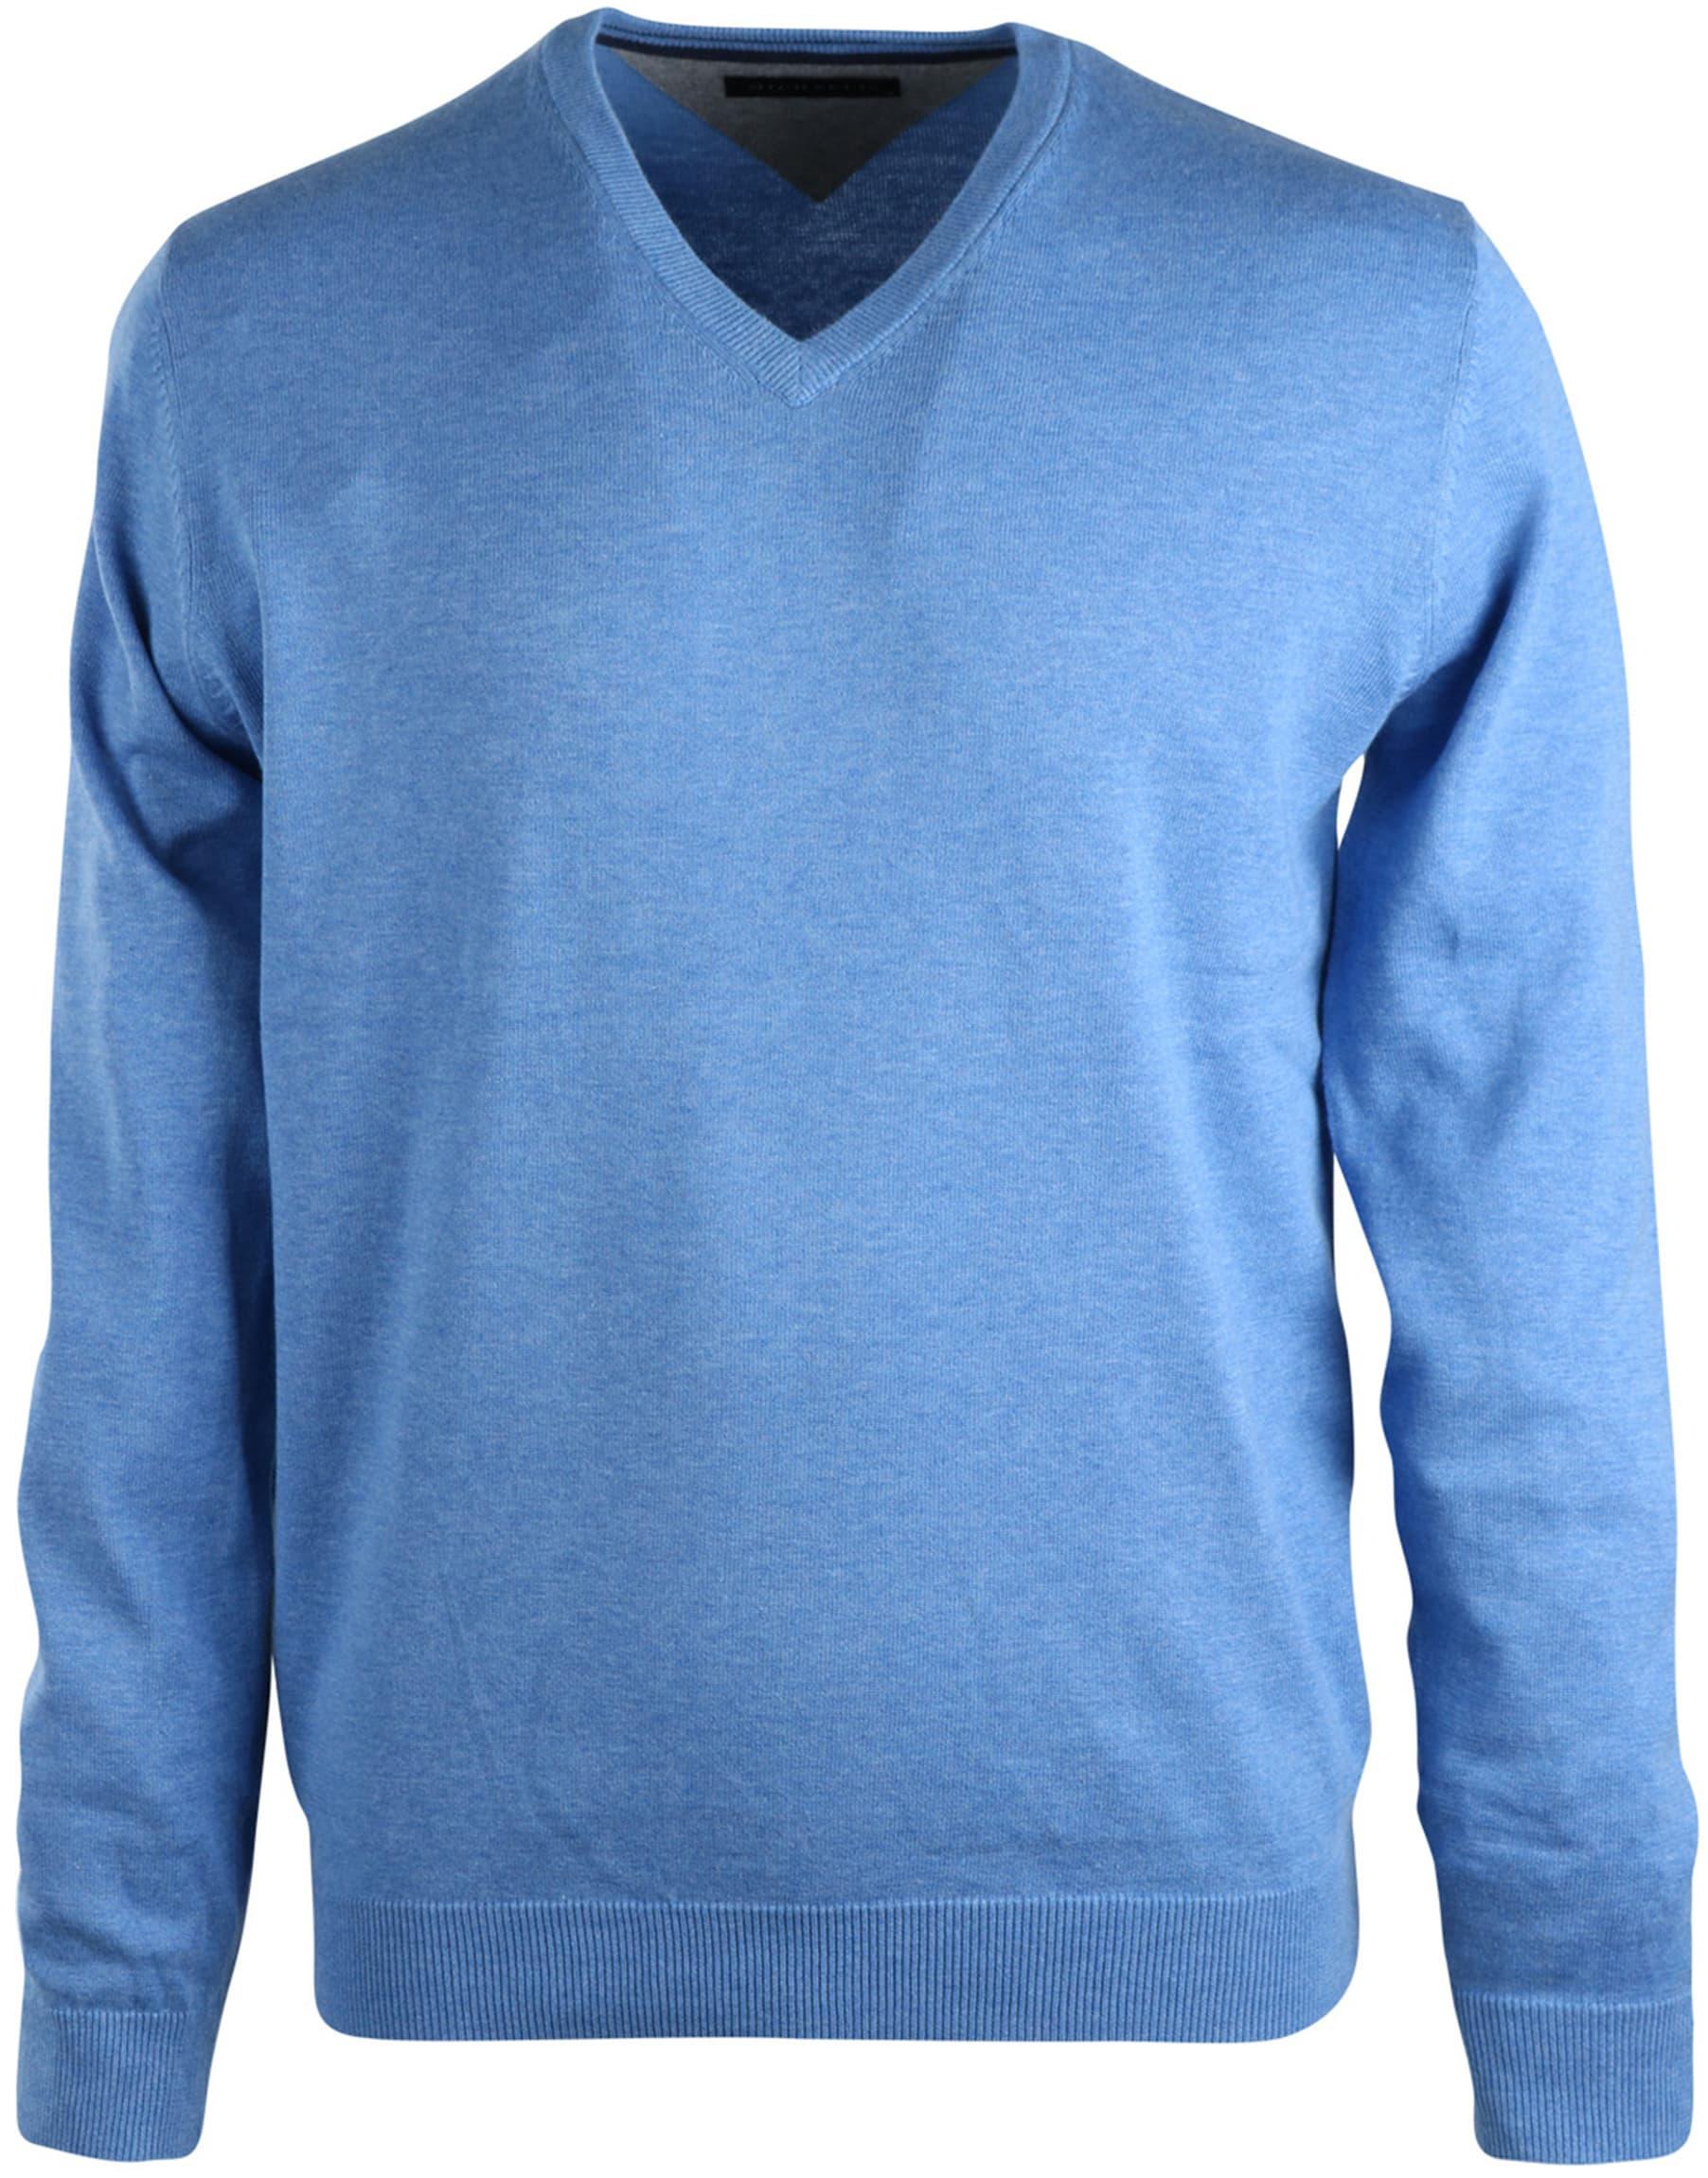 Michaelis Pullover V-Hals Lichtblauw foto 0